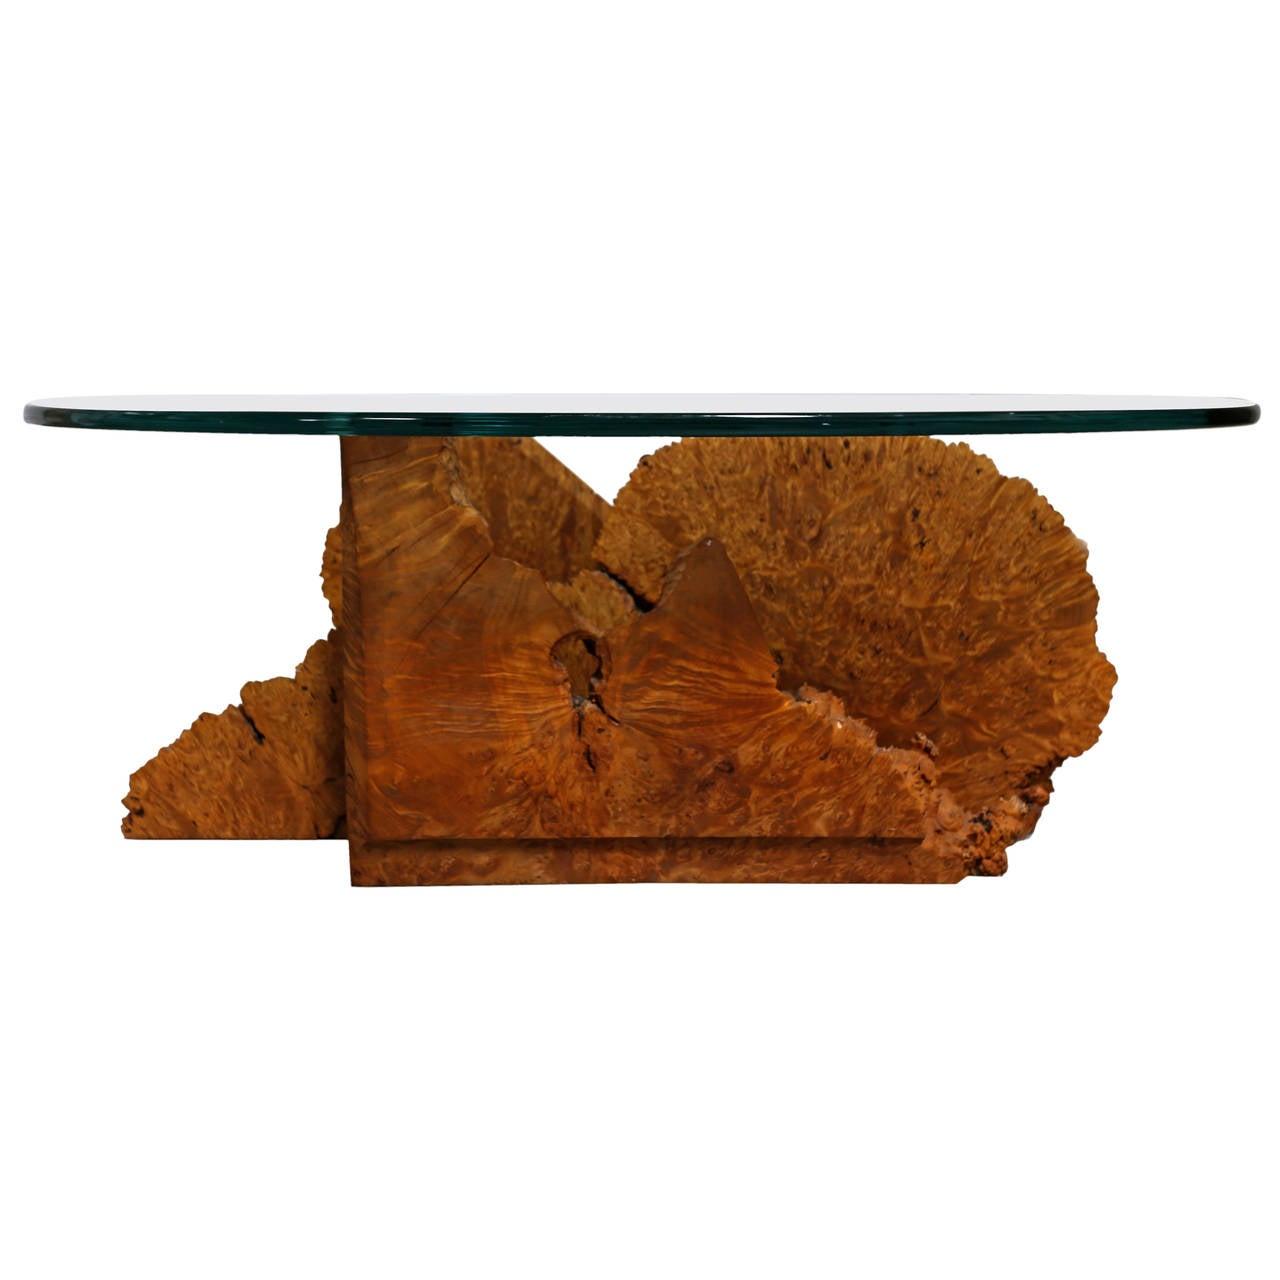 Vintage Burl Wood Slab Coffee Table At 1stdibs: Studio Crafted Burl Wood Coffee Table For Sale At 1stdibs